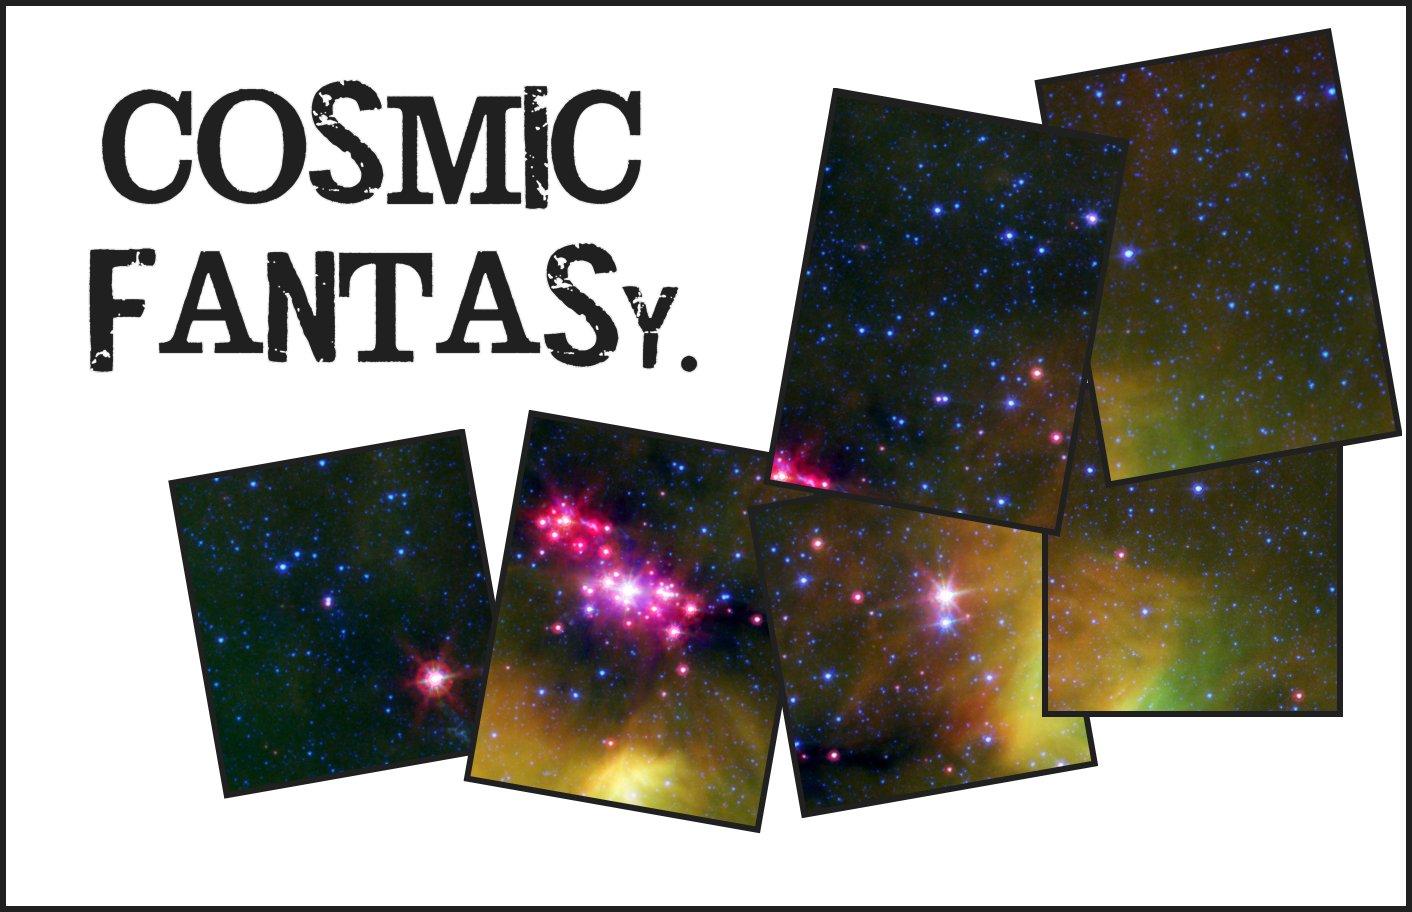 CosmicFantasy